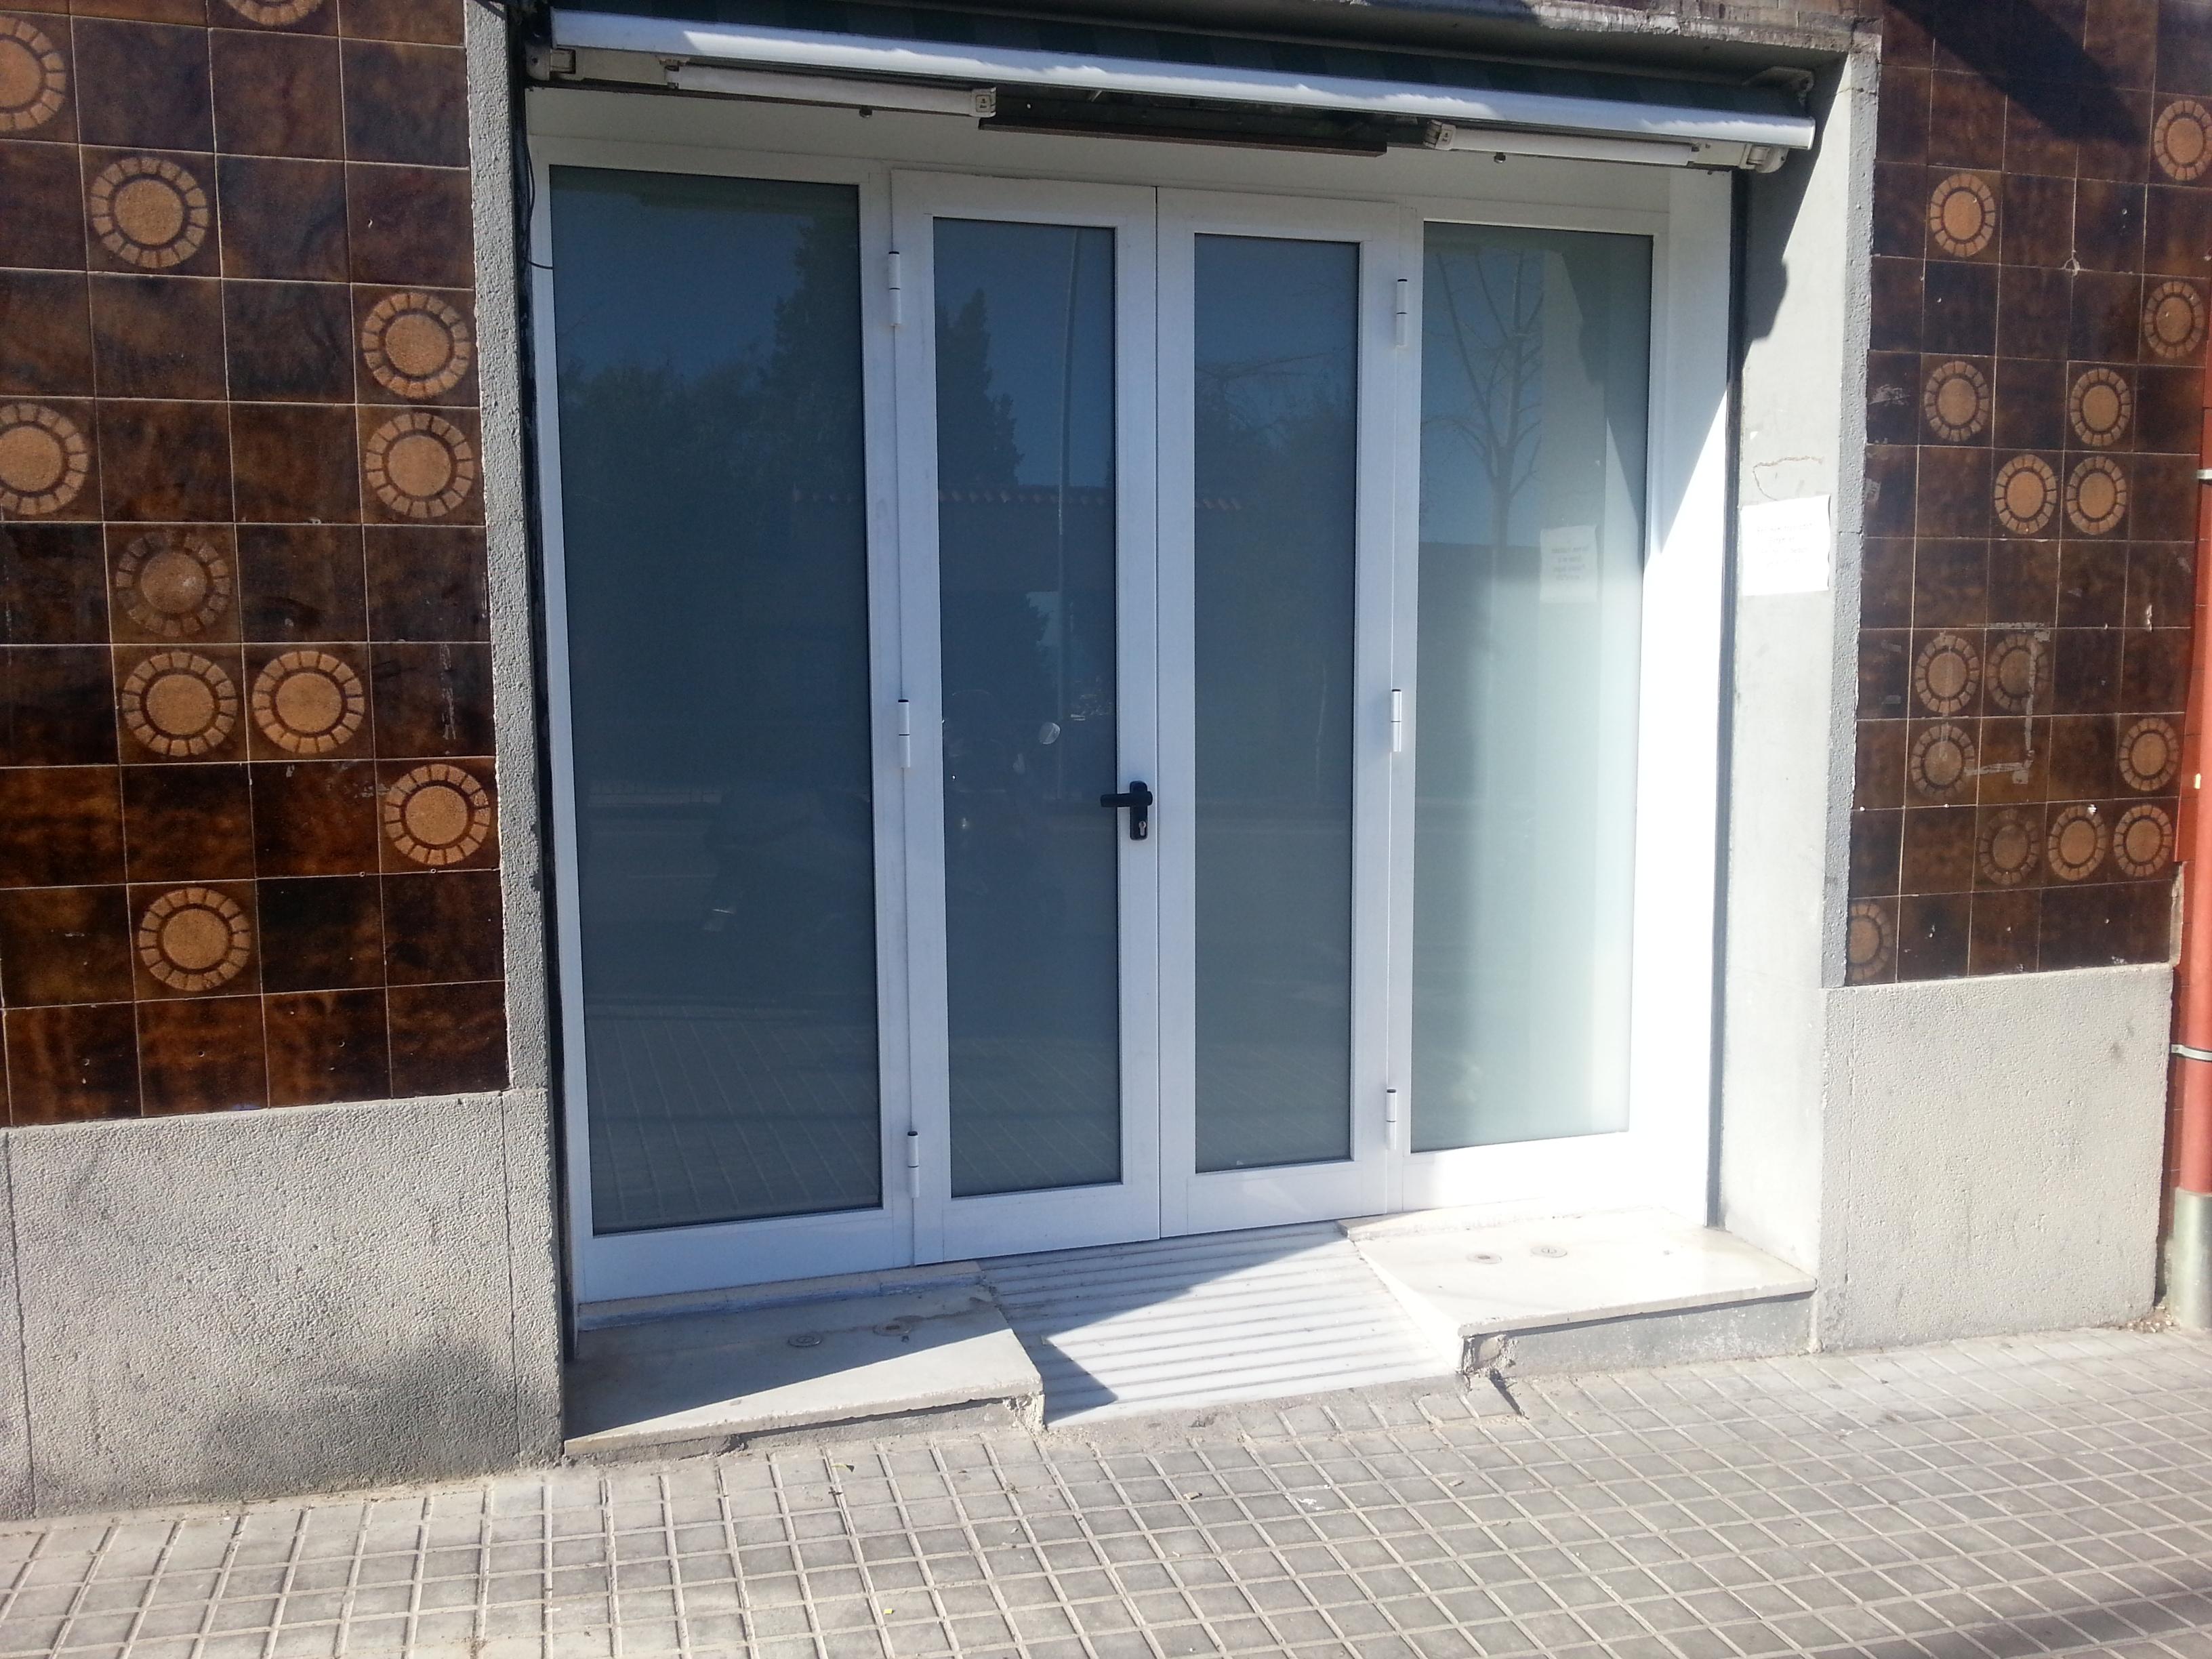 Puerta de almacen de supermercado de 4 hojas con cerradura - Puertas plegables de aluminio ...